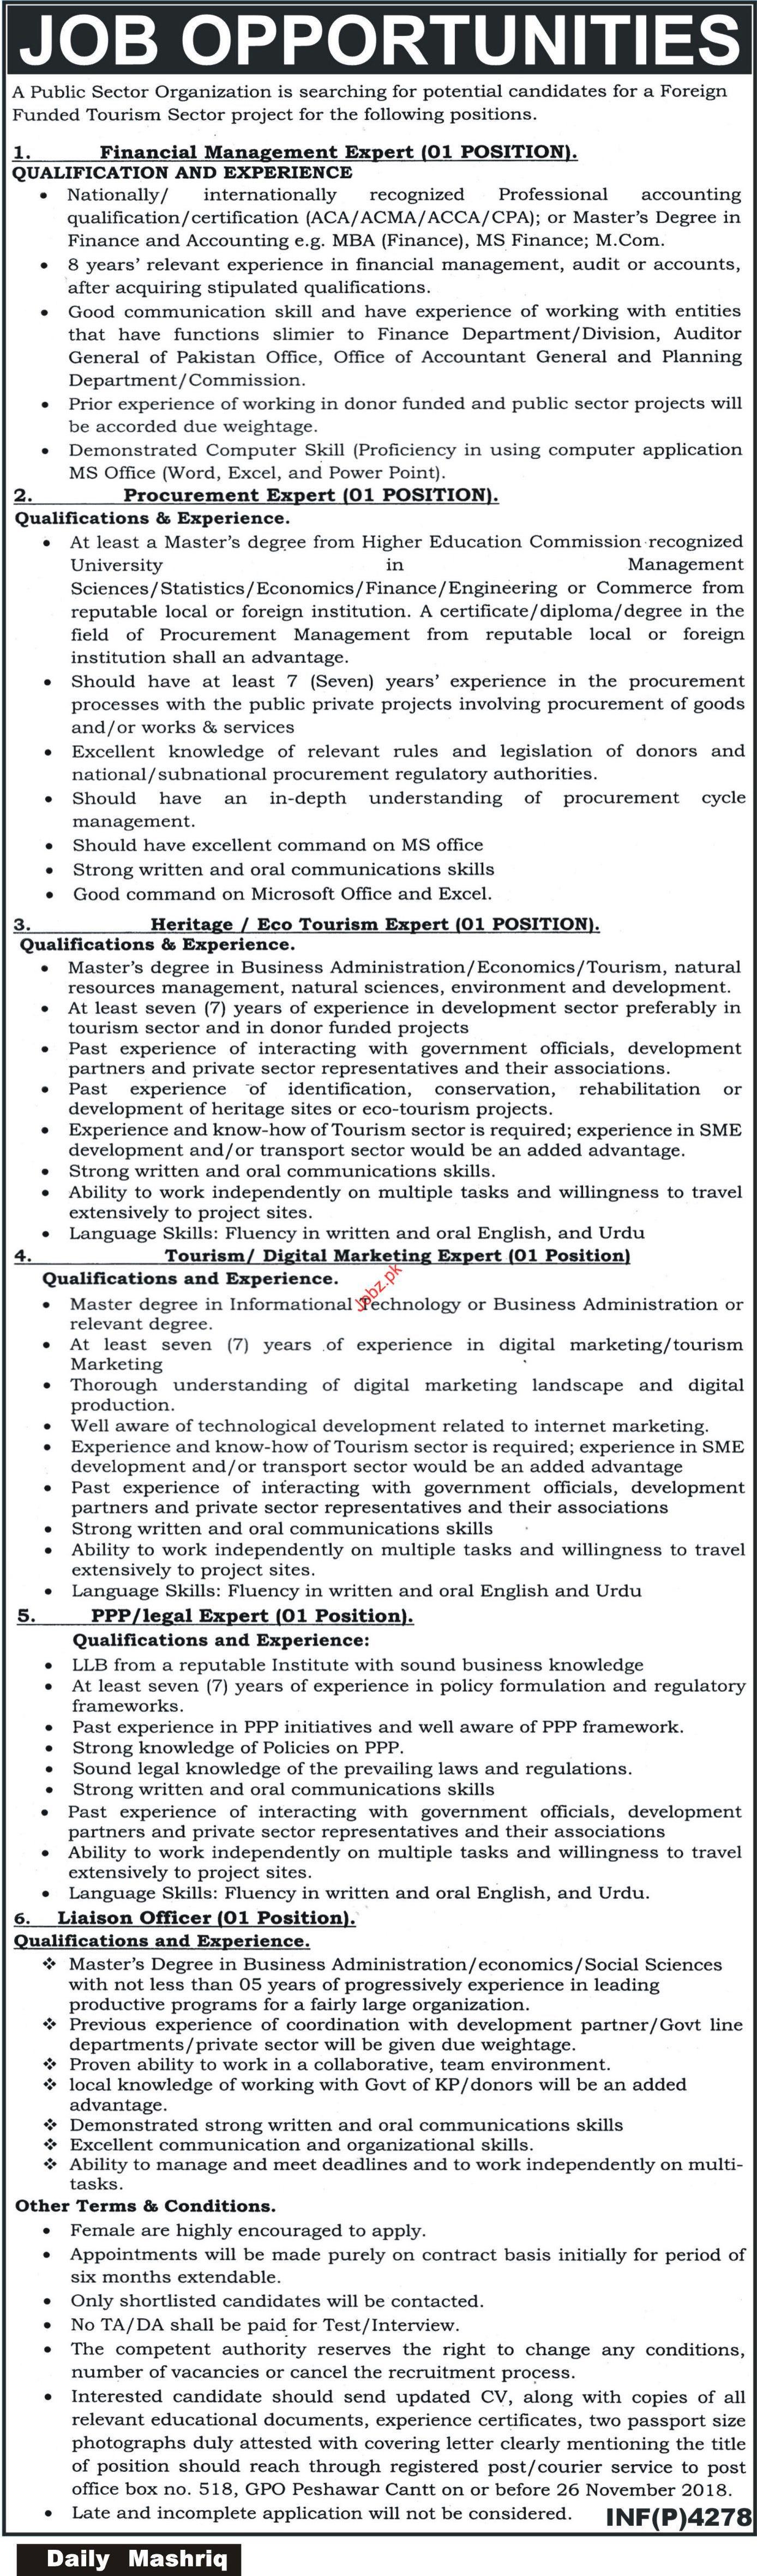 Pubic Sector Organization Financial Management Expert Jobs